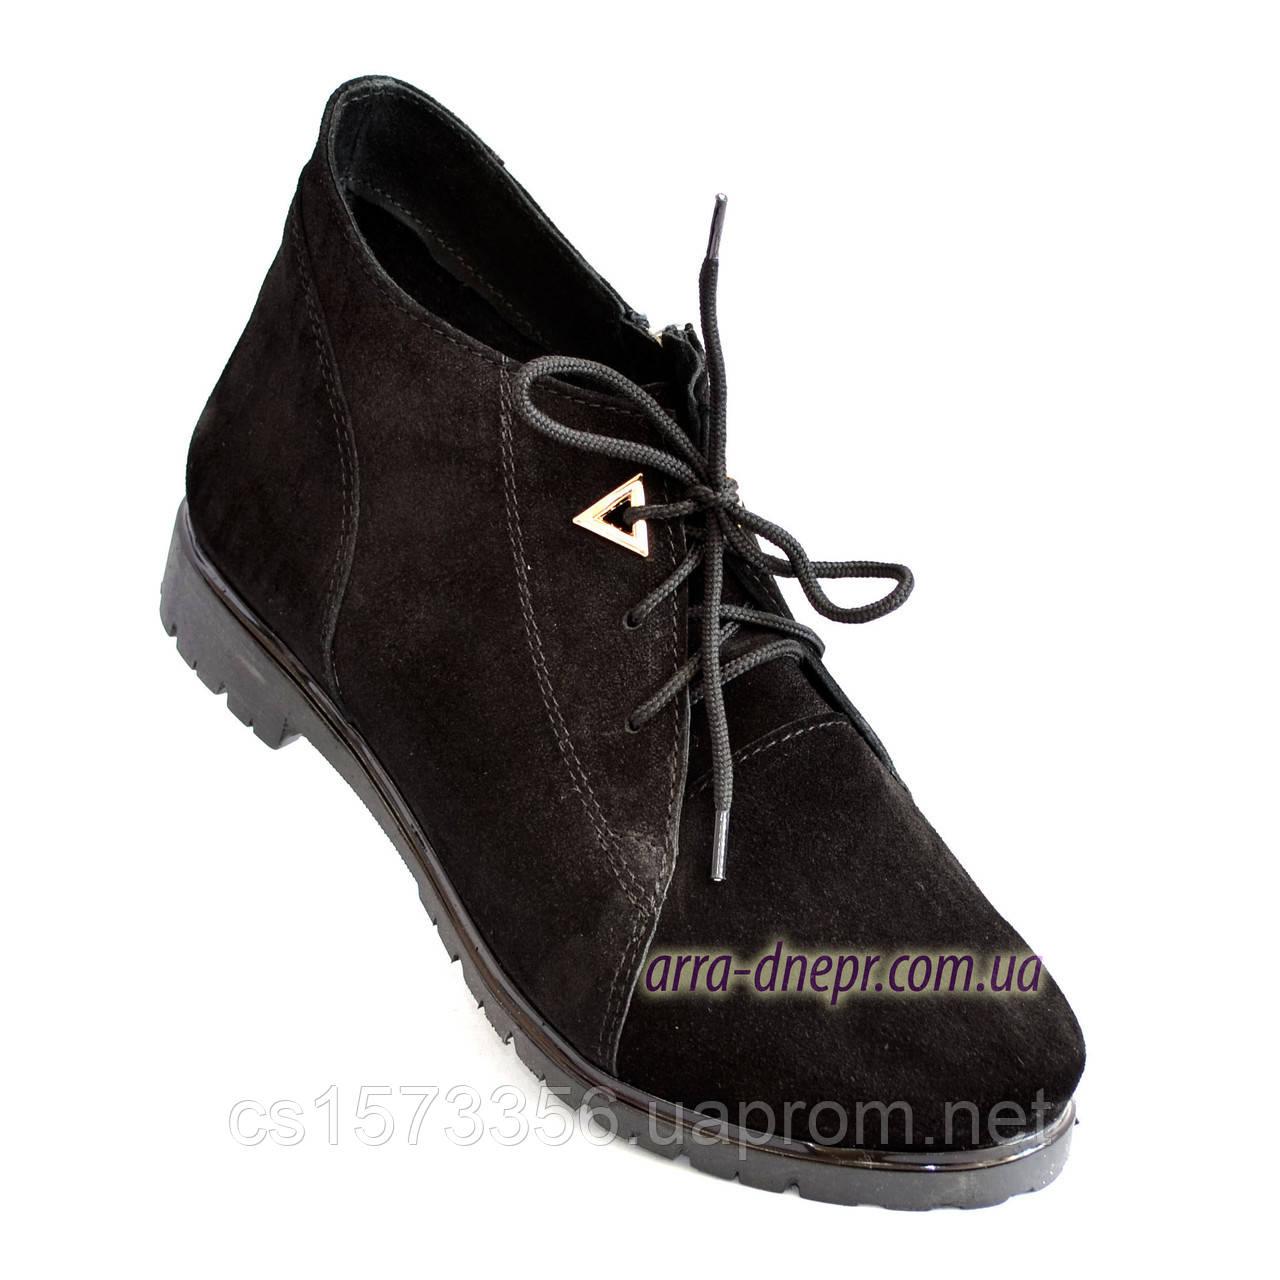 Жіночі замшеві демісезонні черевики на шнурівці